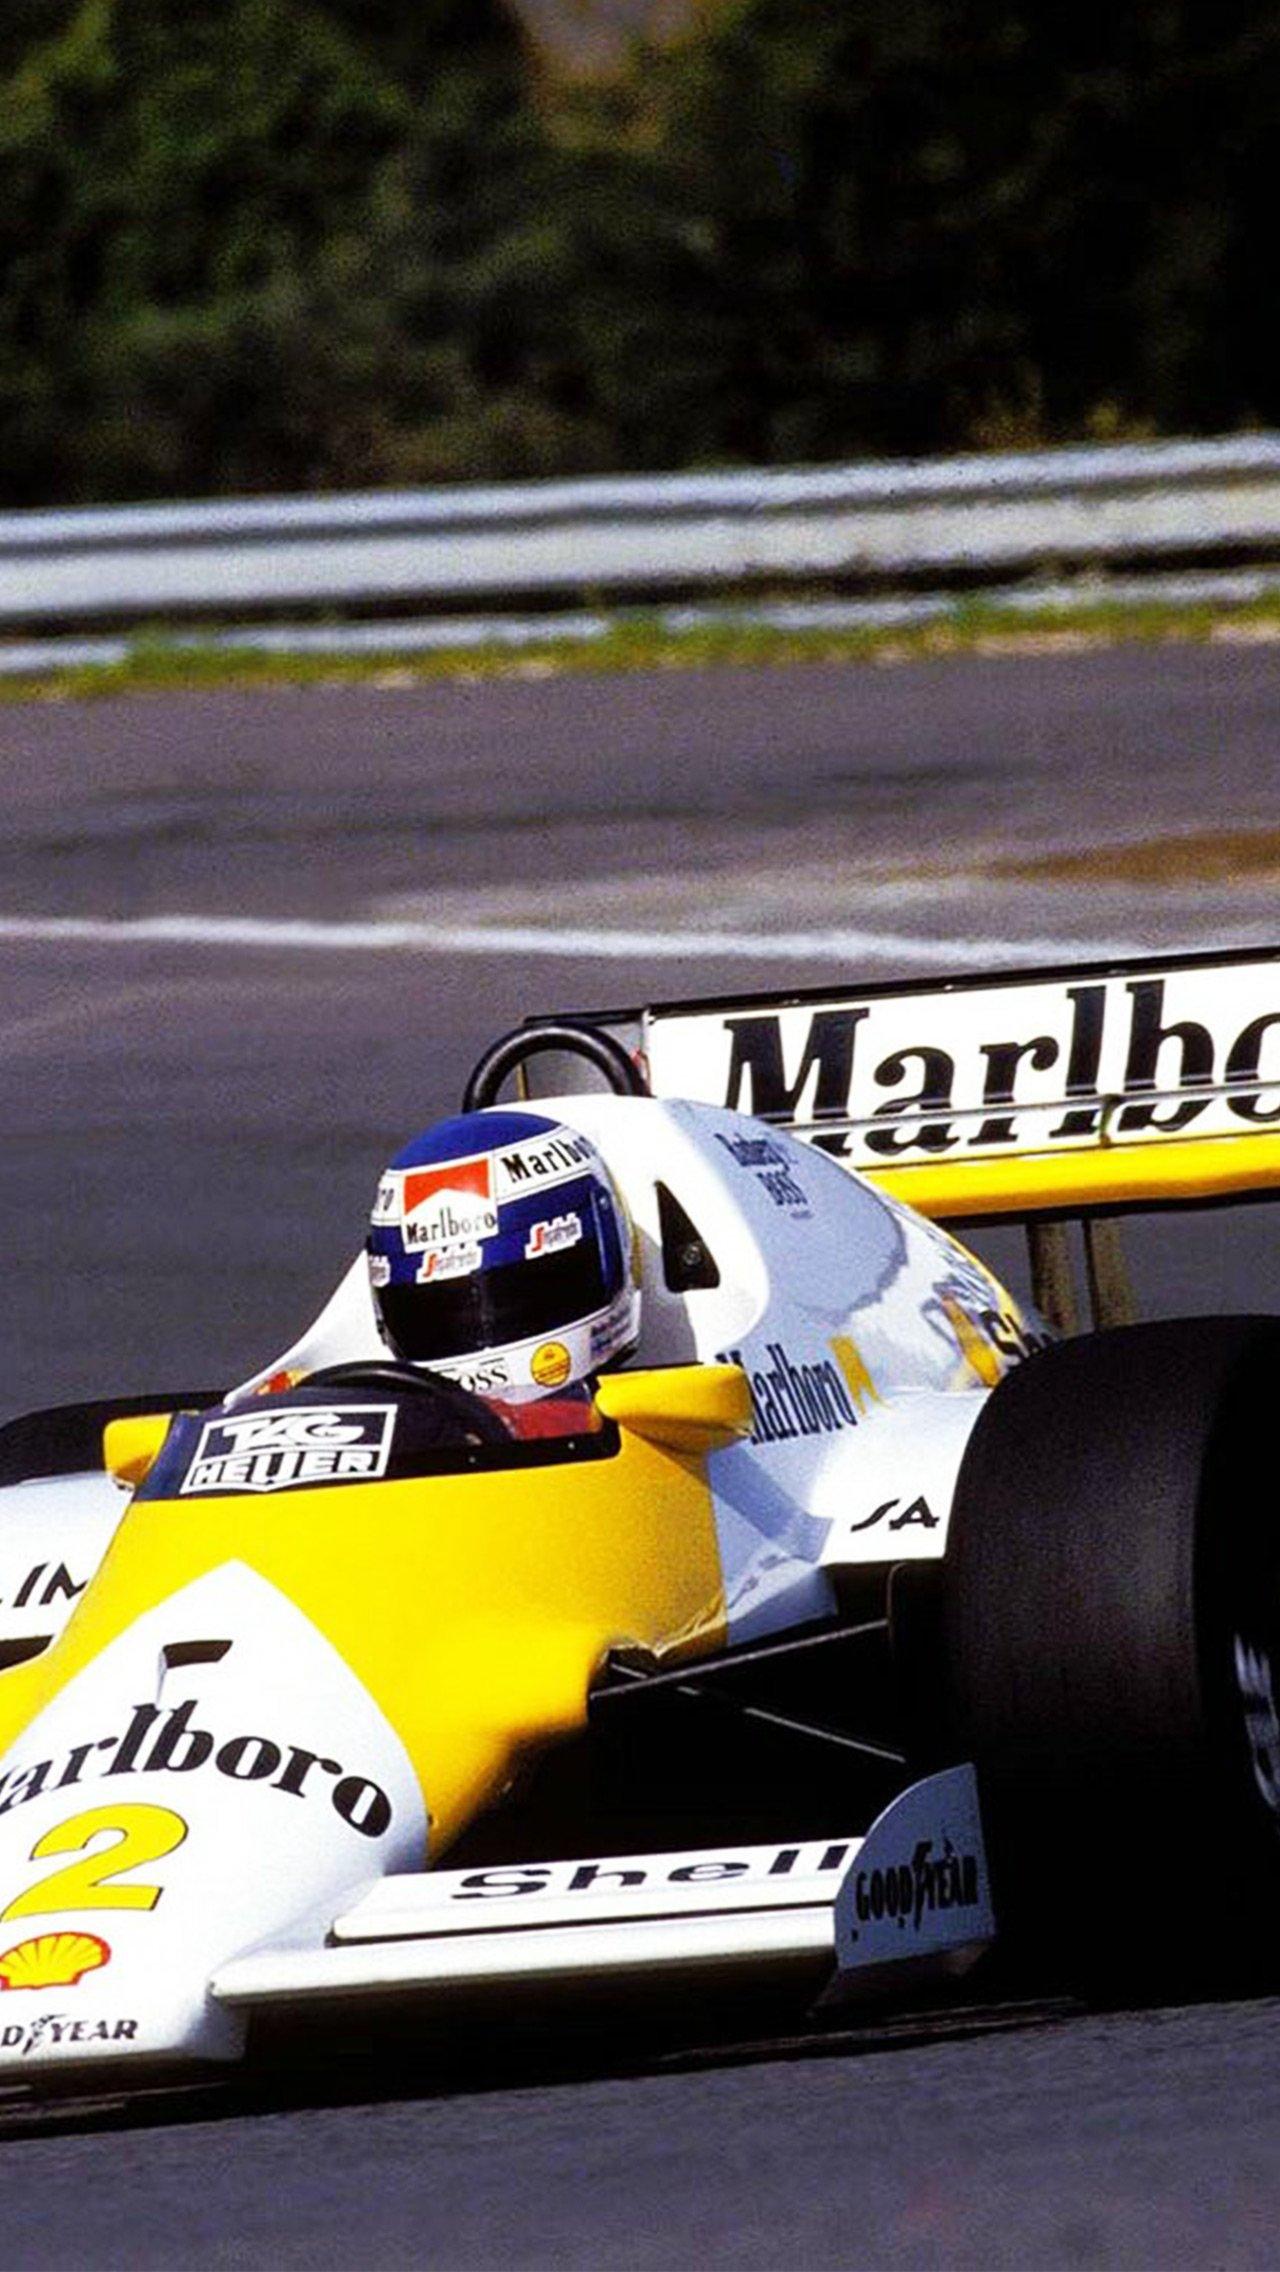 В честь новых «Мальборо Лайтс» «Макларены» вышли на старт Гран-при Португалии — 86 в жёлто-белой ливрее.